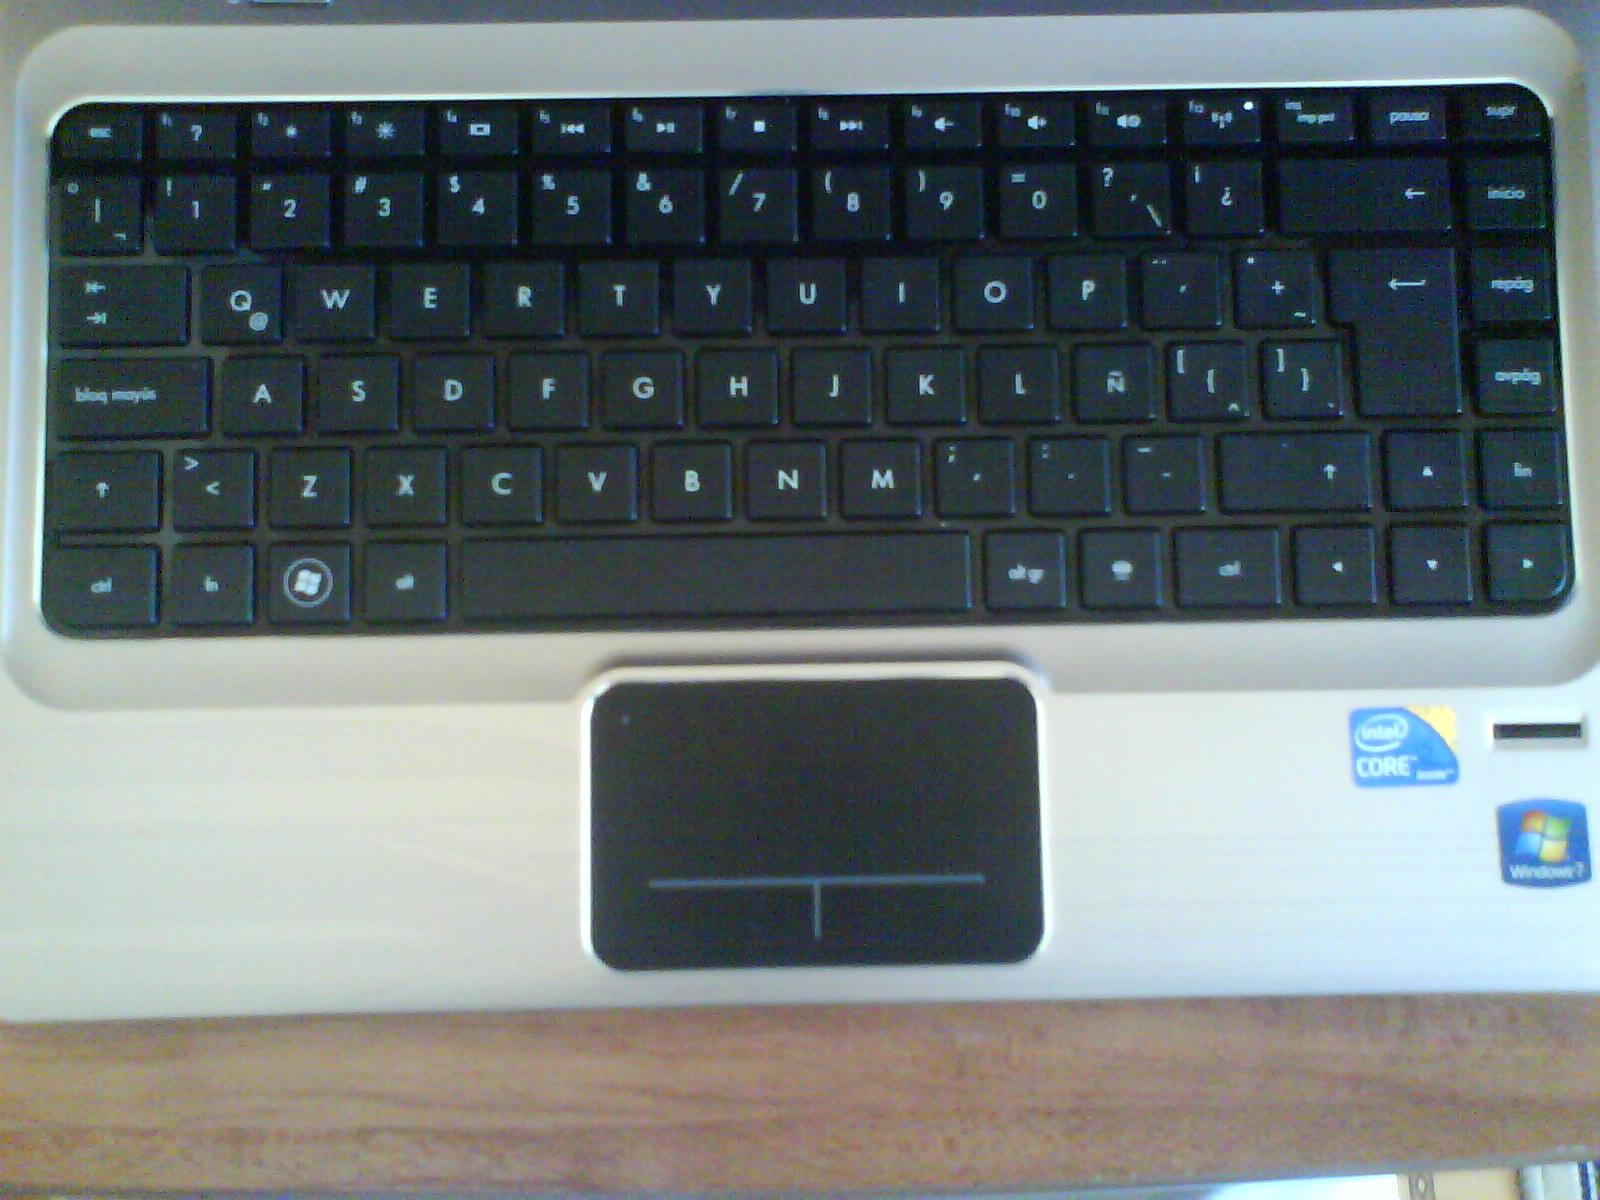 Notebook samsung com teclado numerico - Mi So Es Windows 7 Ultimate Service Pack 1 X64 Ya Prob Actualizando El Controlador Del Teclado Y Solo Una Vez Lo Actualiz Supuestamente Al M S Reciente Y